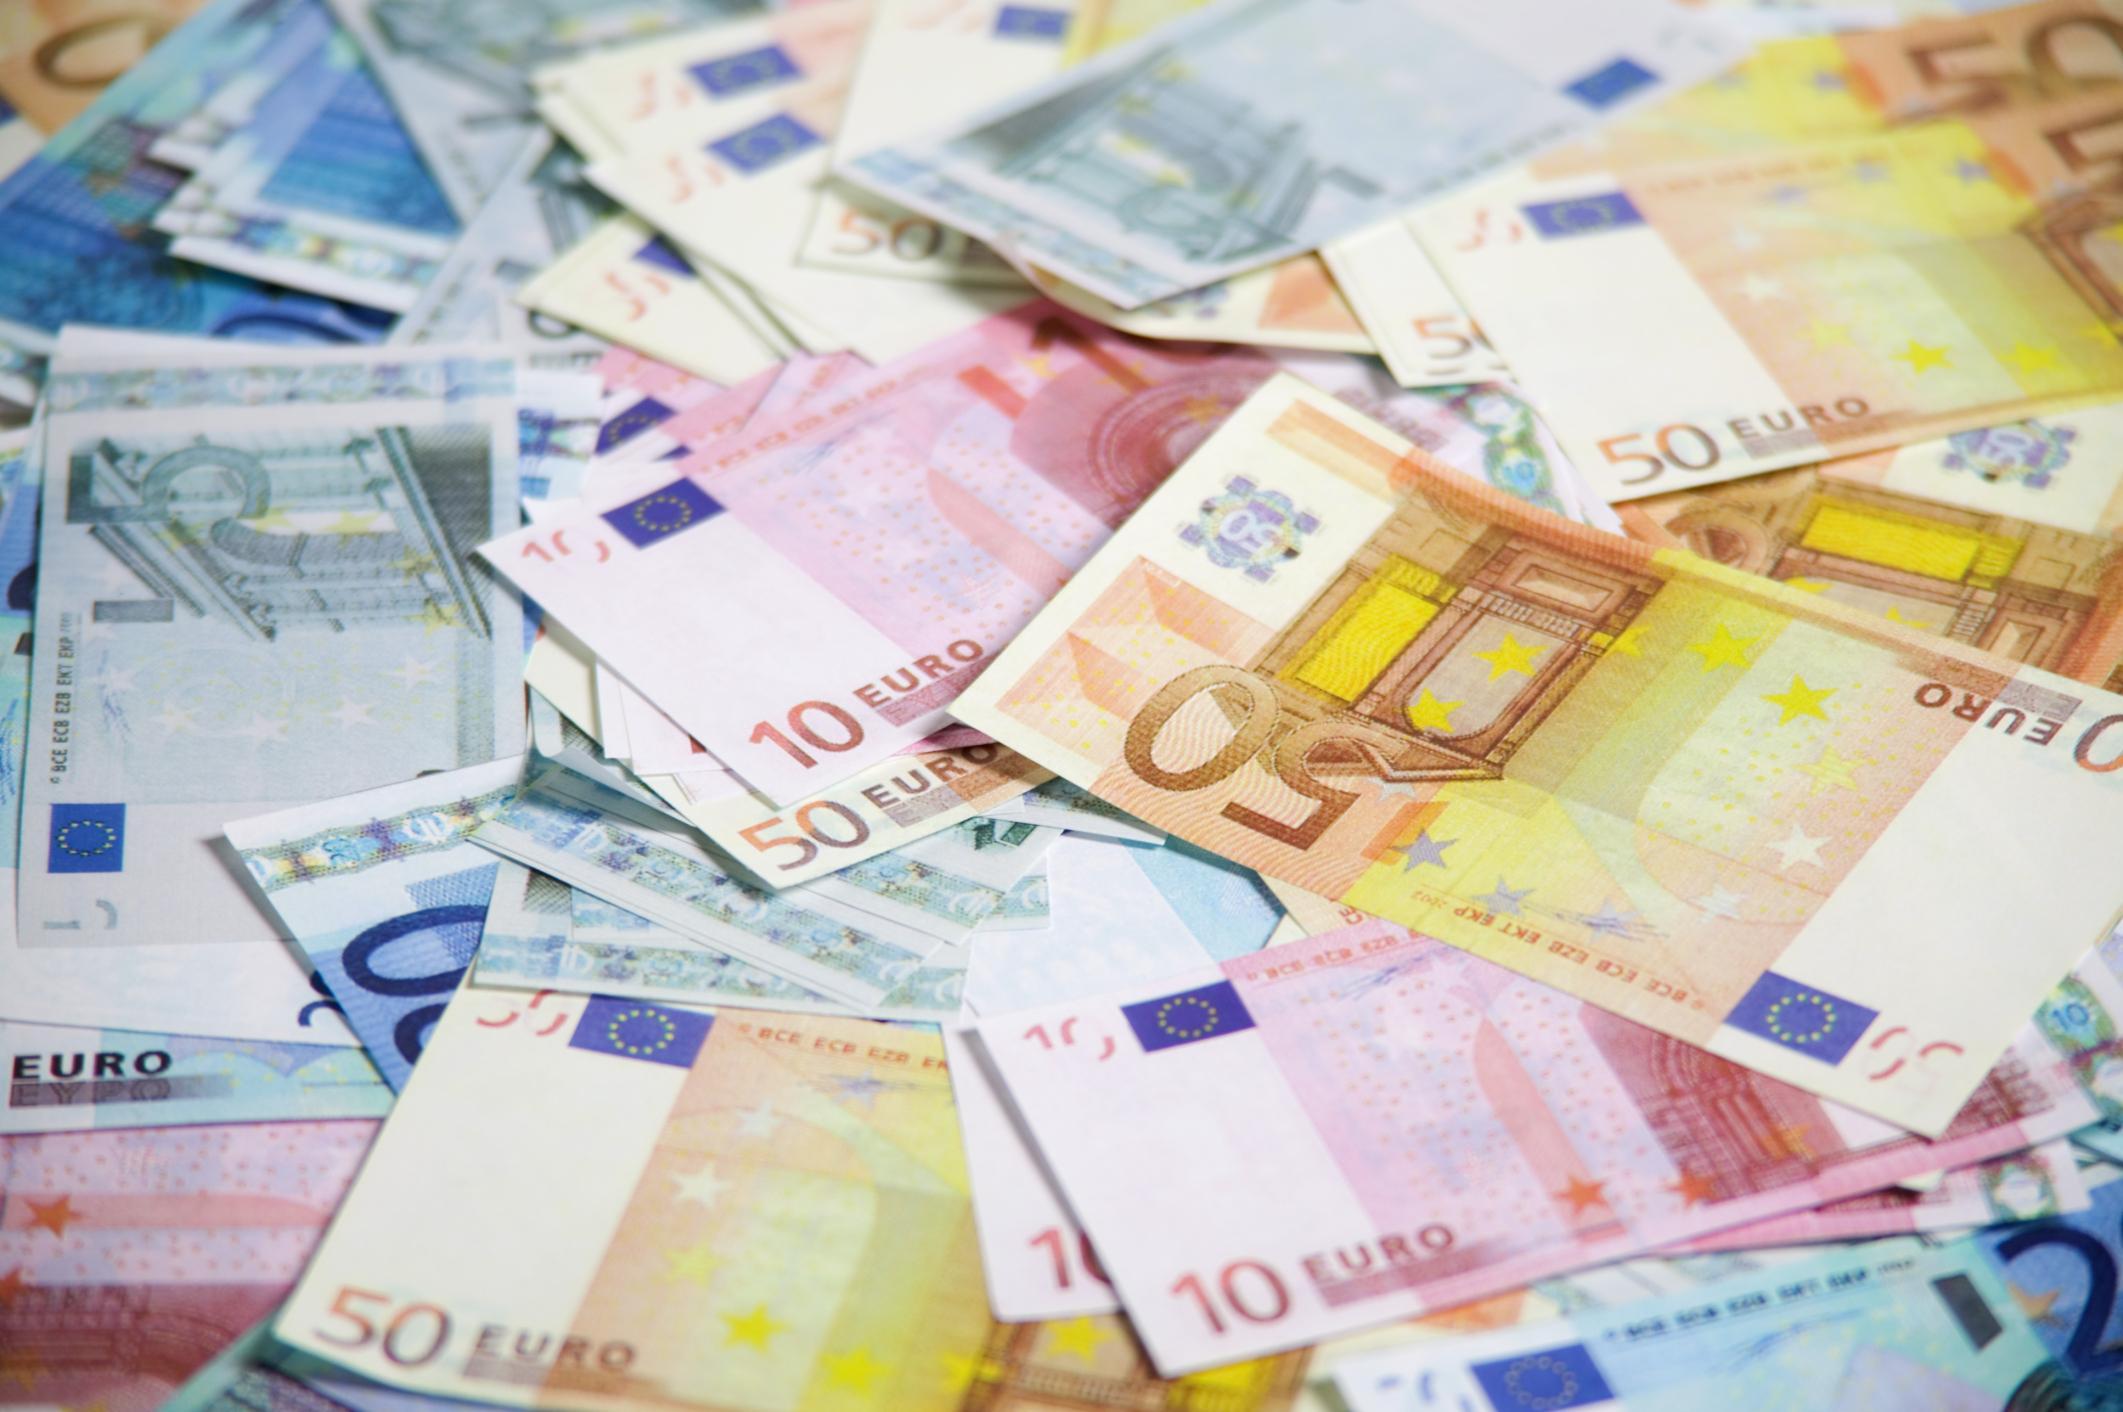 Quelle est l'entreprise au plus gros chiffre d'affaire ? Qui a la plus grosse... somme d'argent dans son compte en banque ?